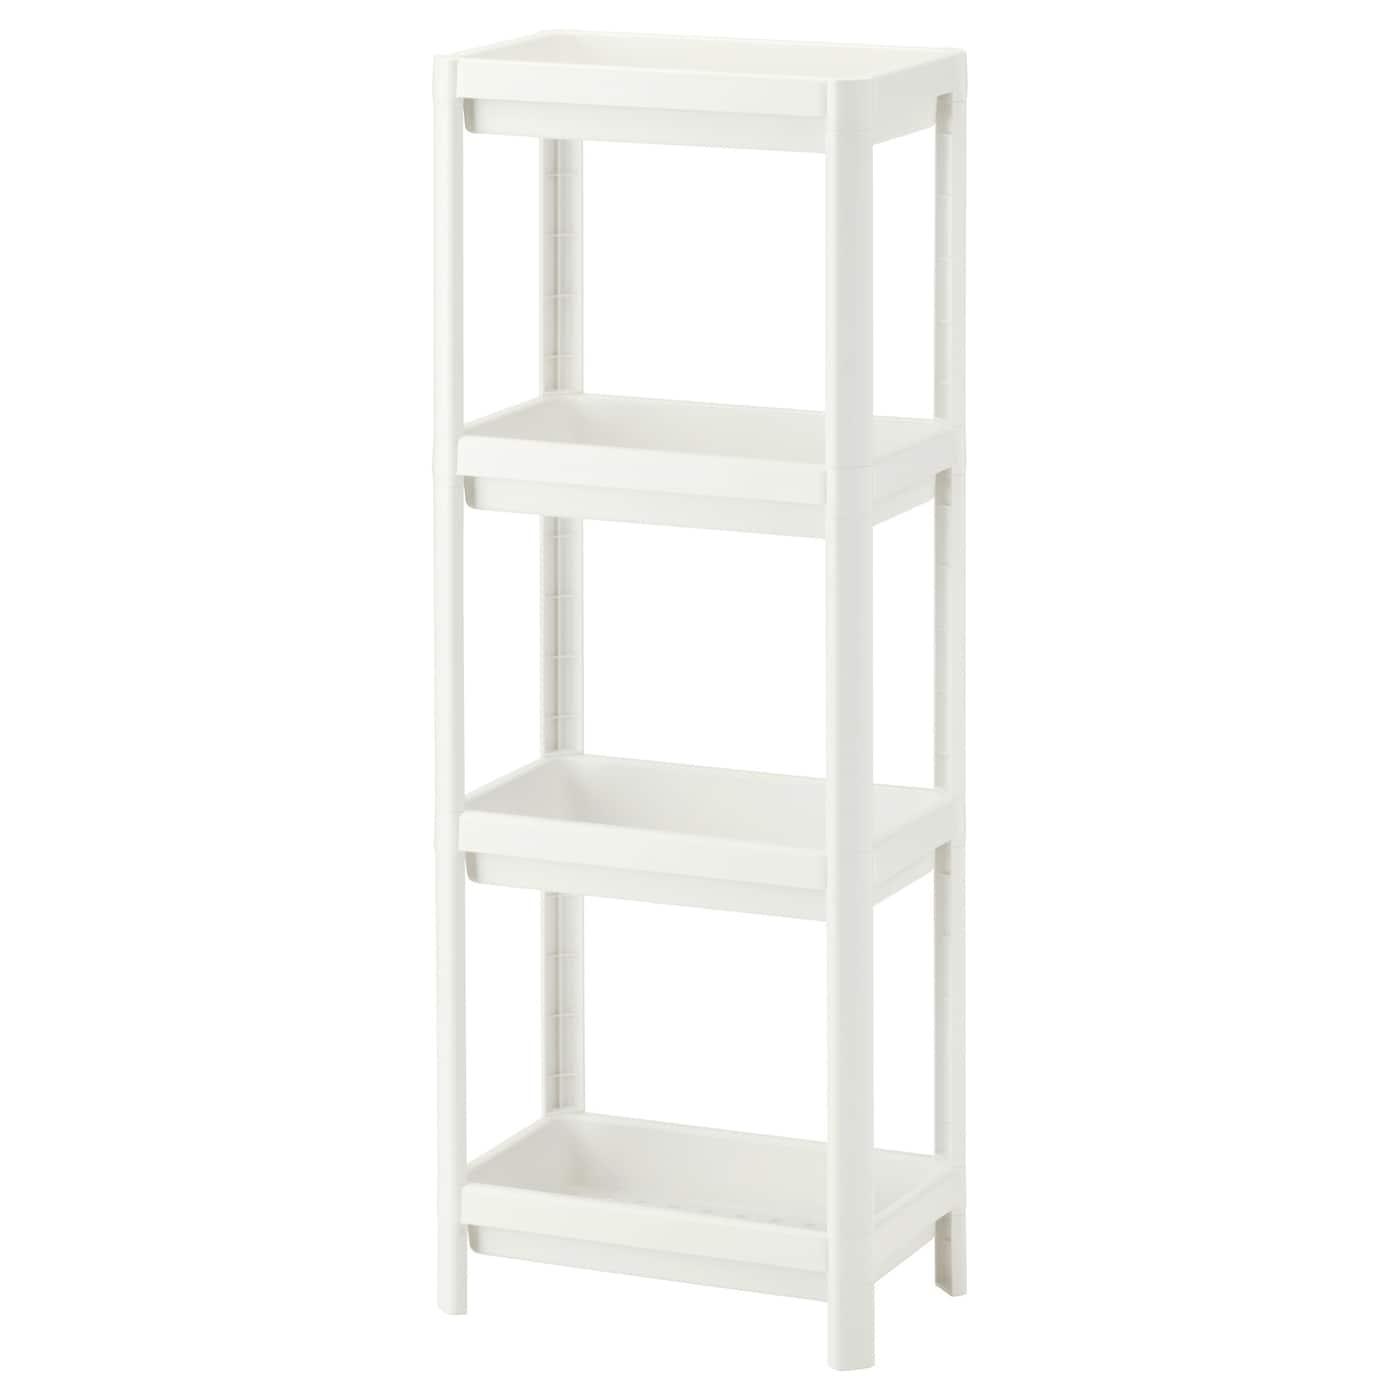 Vesken Estanteria Blanco 36 X 23 X 100 Cm Ikea